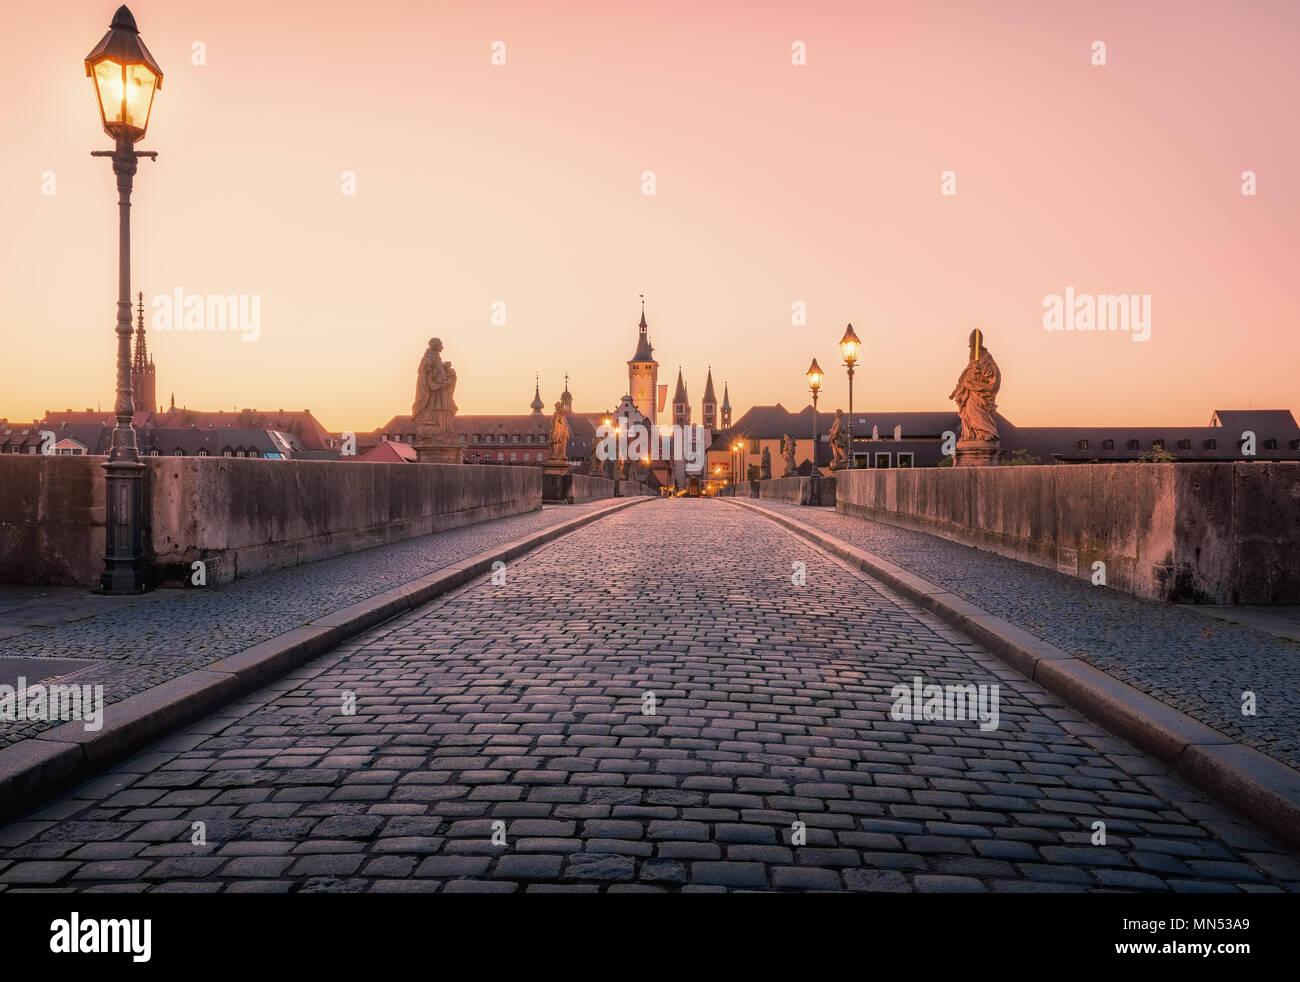 Lever matin panoramique vue sur le vieux pont principal sur la rivière principale dans la vieille ville de Wurzburg, Bavière, Allemagne - une partie de la Route Romantique Photo Stock